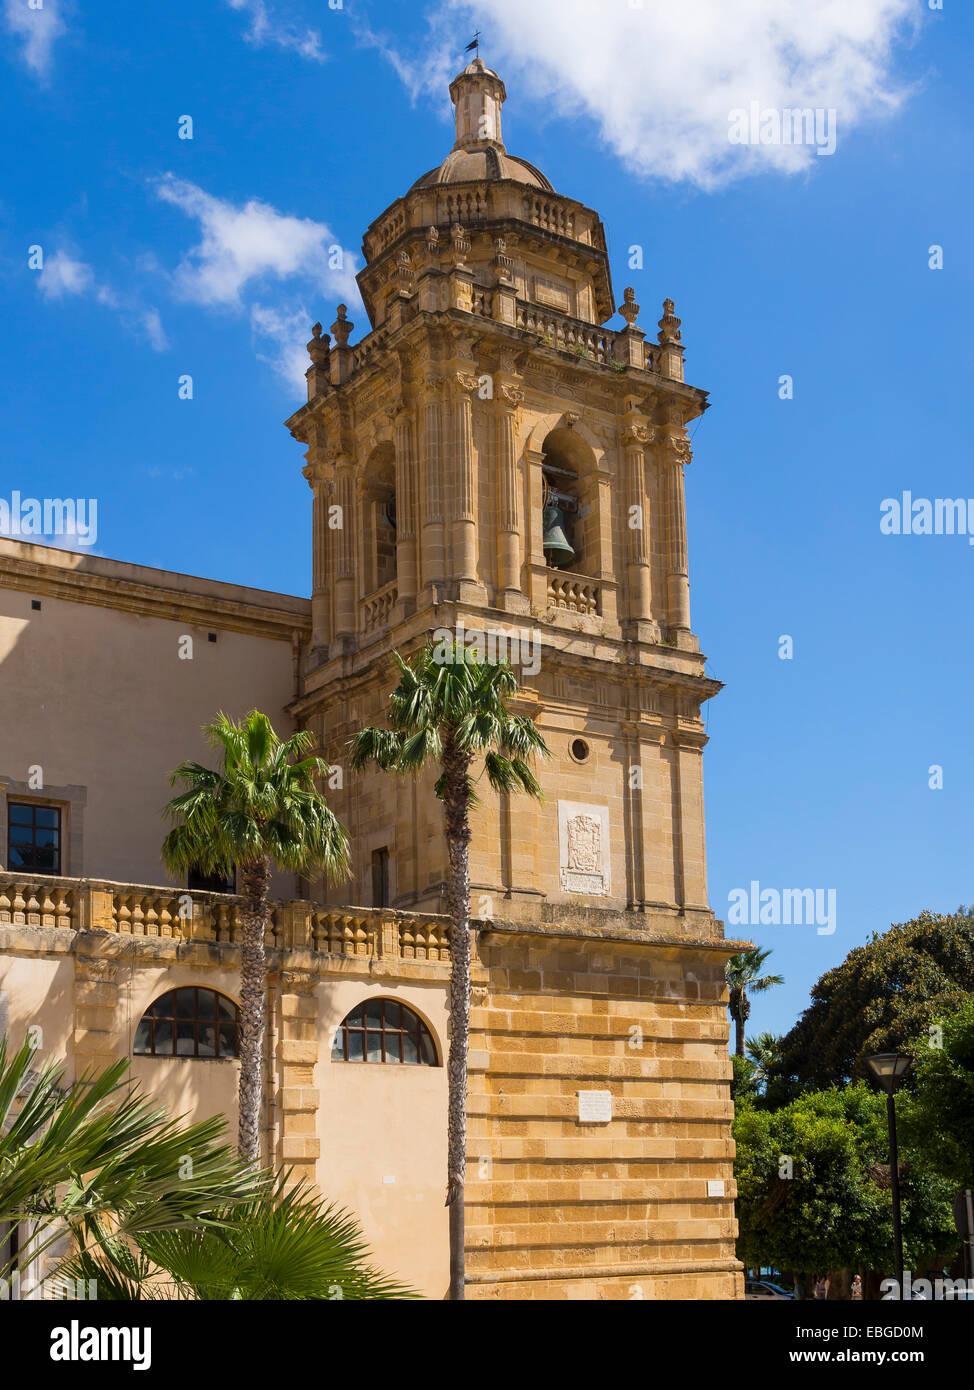 Cathedral del Santissimo Salvatore or San Vito Church, Plaza de la Repubblica, Mazara del Vallo, Province of Trapani, - Stock Image